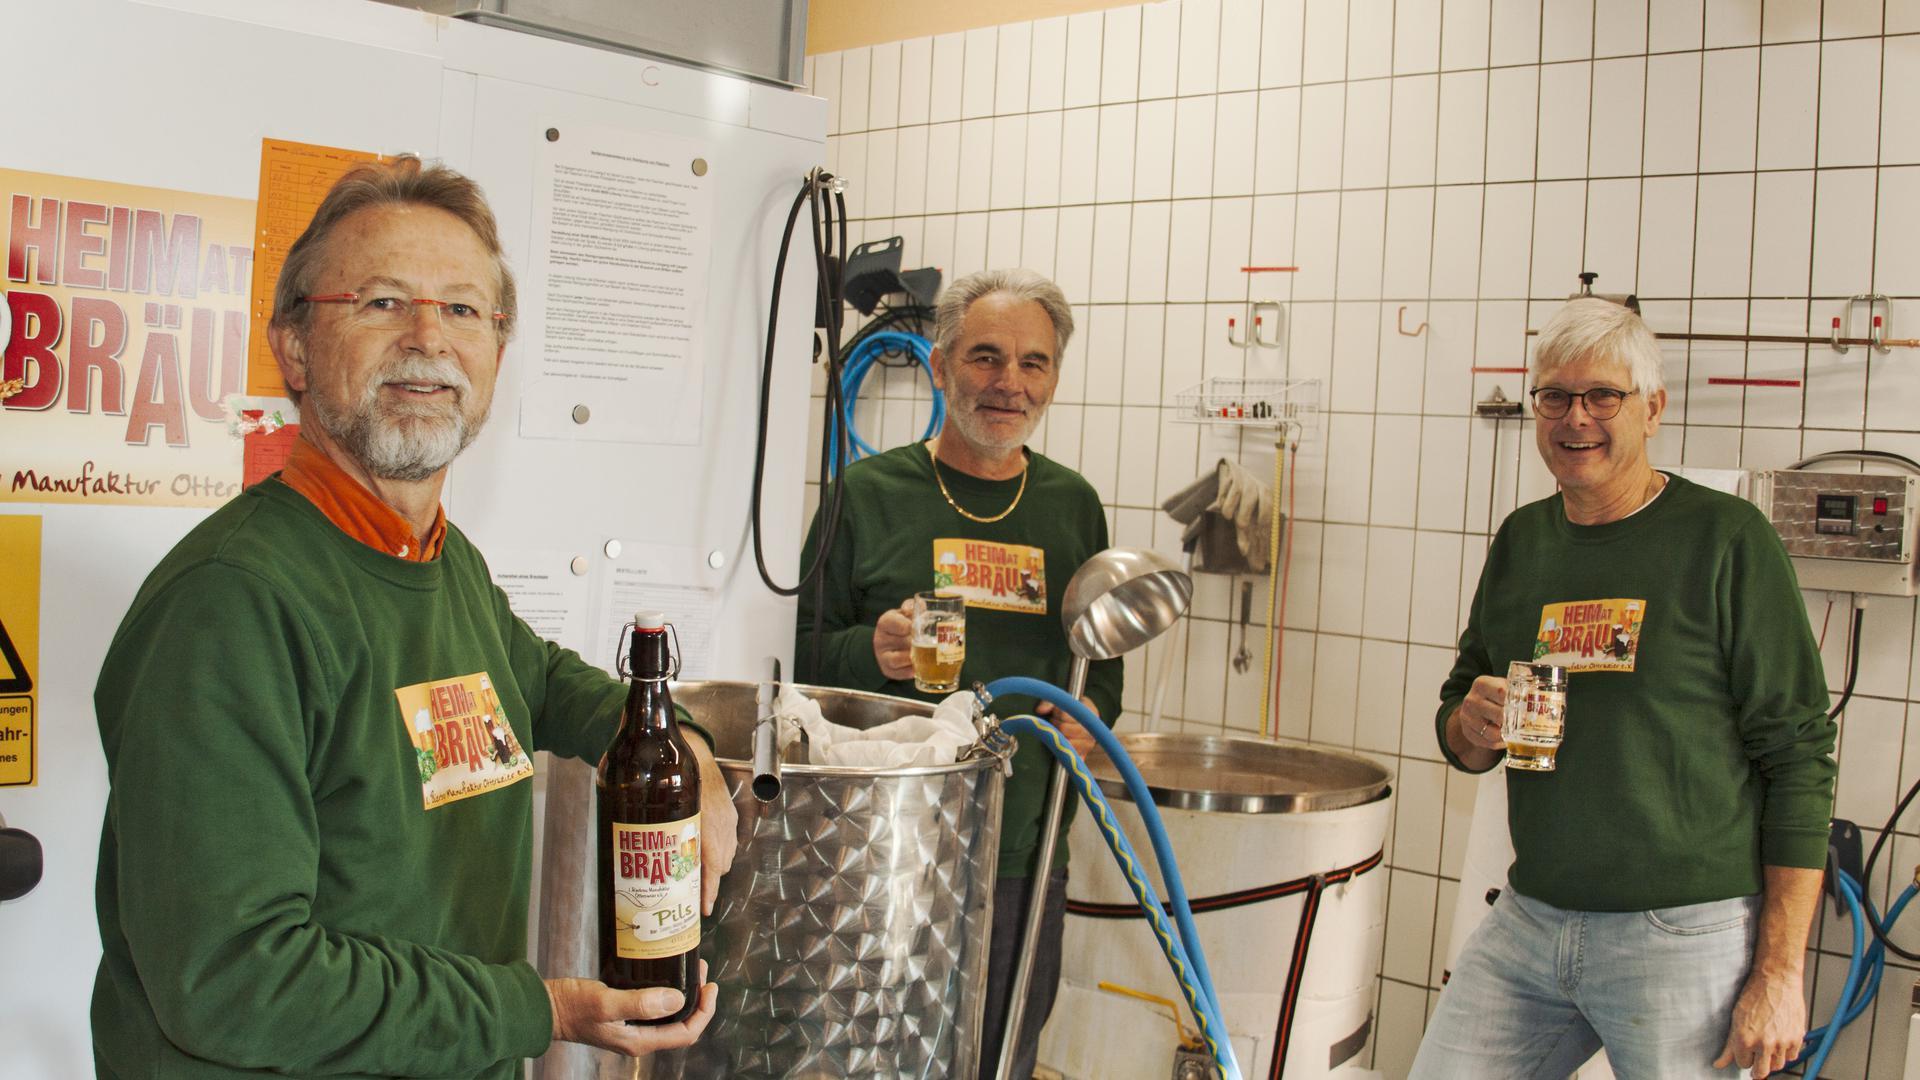 Seit 2018 werden bei der Bierbrau Manufaktur Ottersweier Bierspezialitäten hergestellt. Unser Foto zeigt den Vereinsvorsitzenden Dr. Boris Kirschsieper, Schriftführer Linus Maier und den stellvertretenden Vorsitzenden Axel Marin (von links) beim Brauen. Im Hintergrund köchelt der Sud für 120 Liter Pils. Foto: Michael Brück